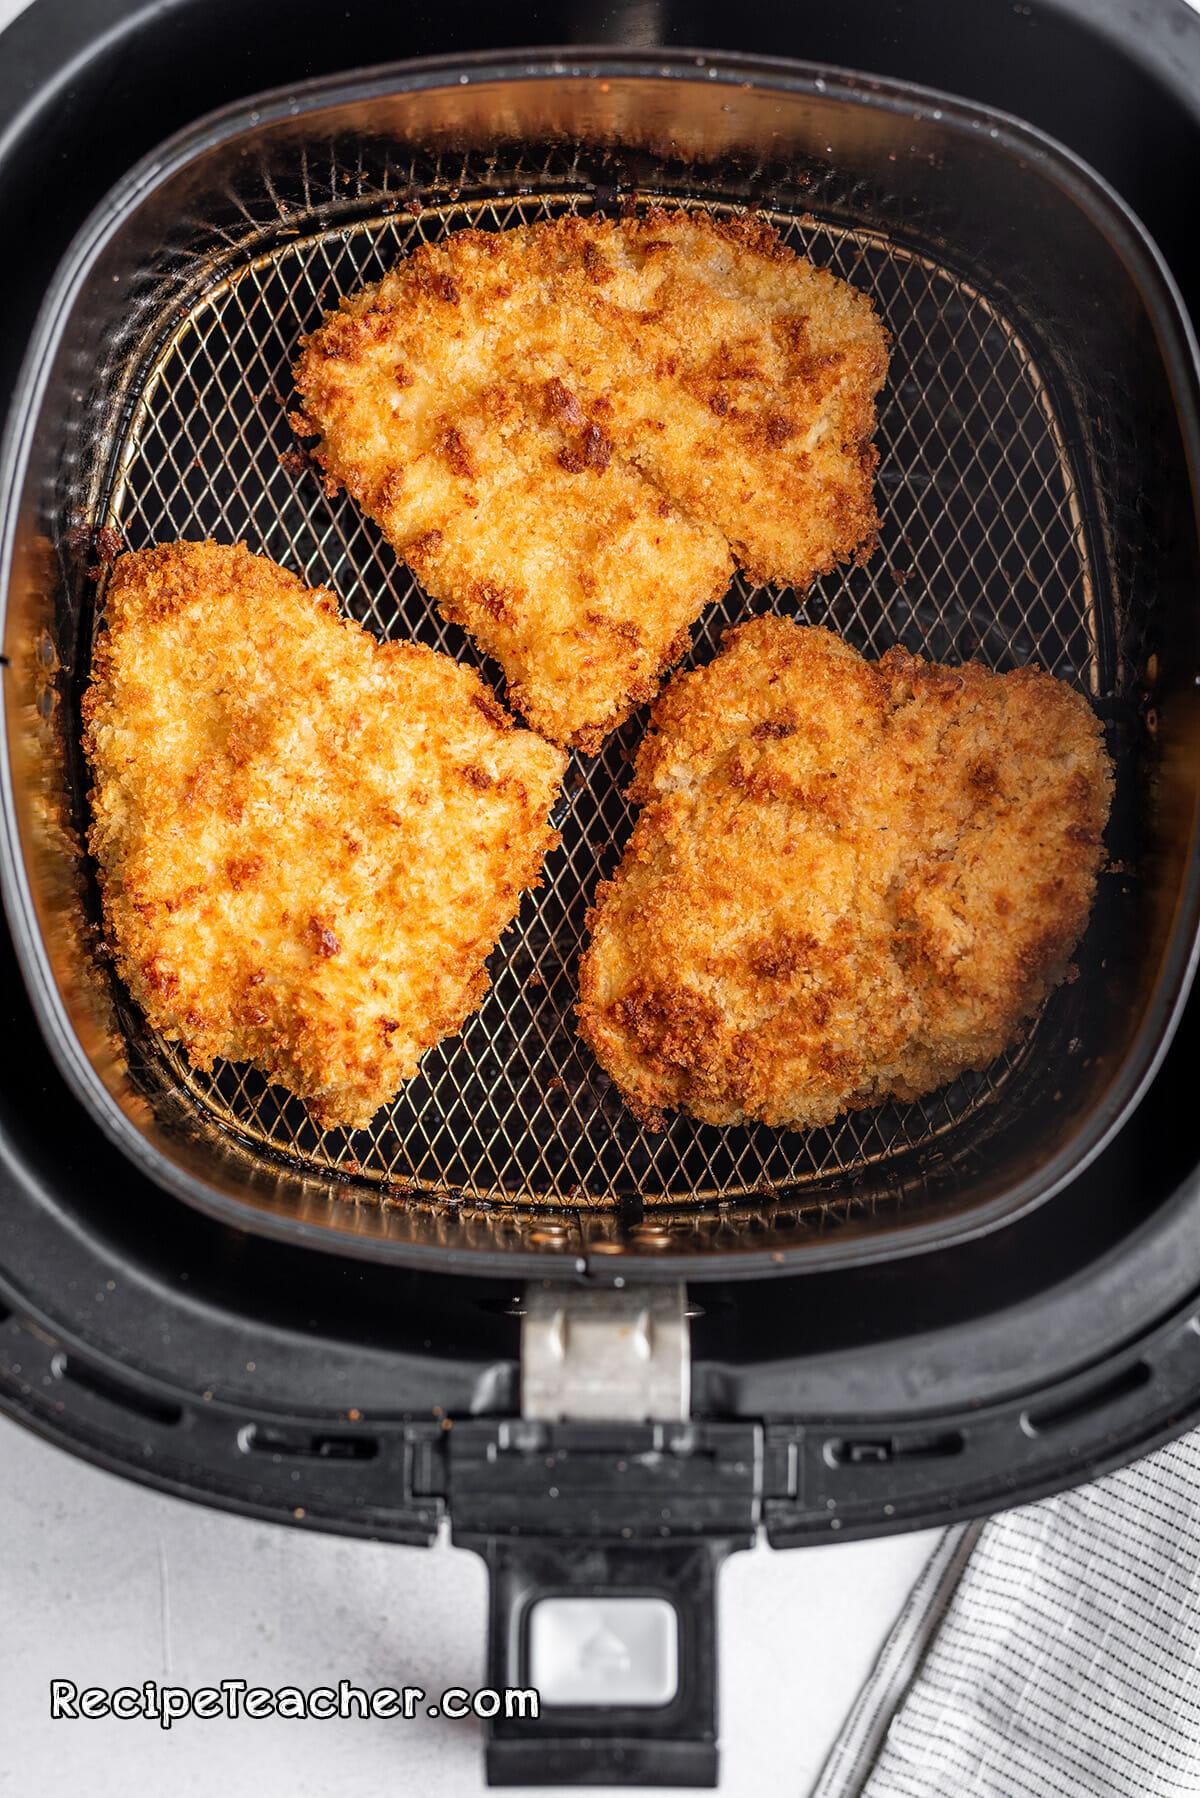 Recipe for air fryer buttermilk chicken sandwich